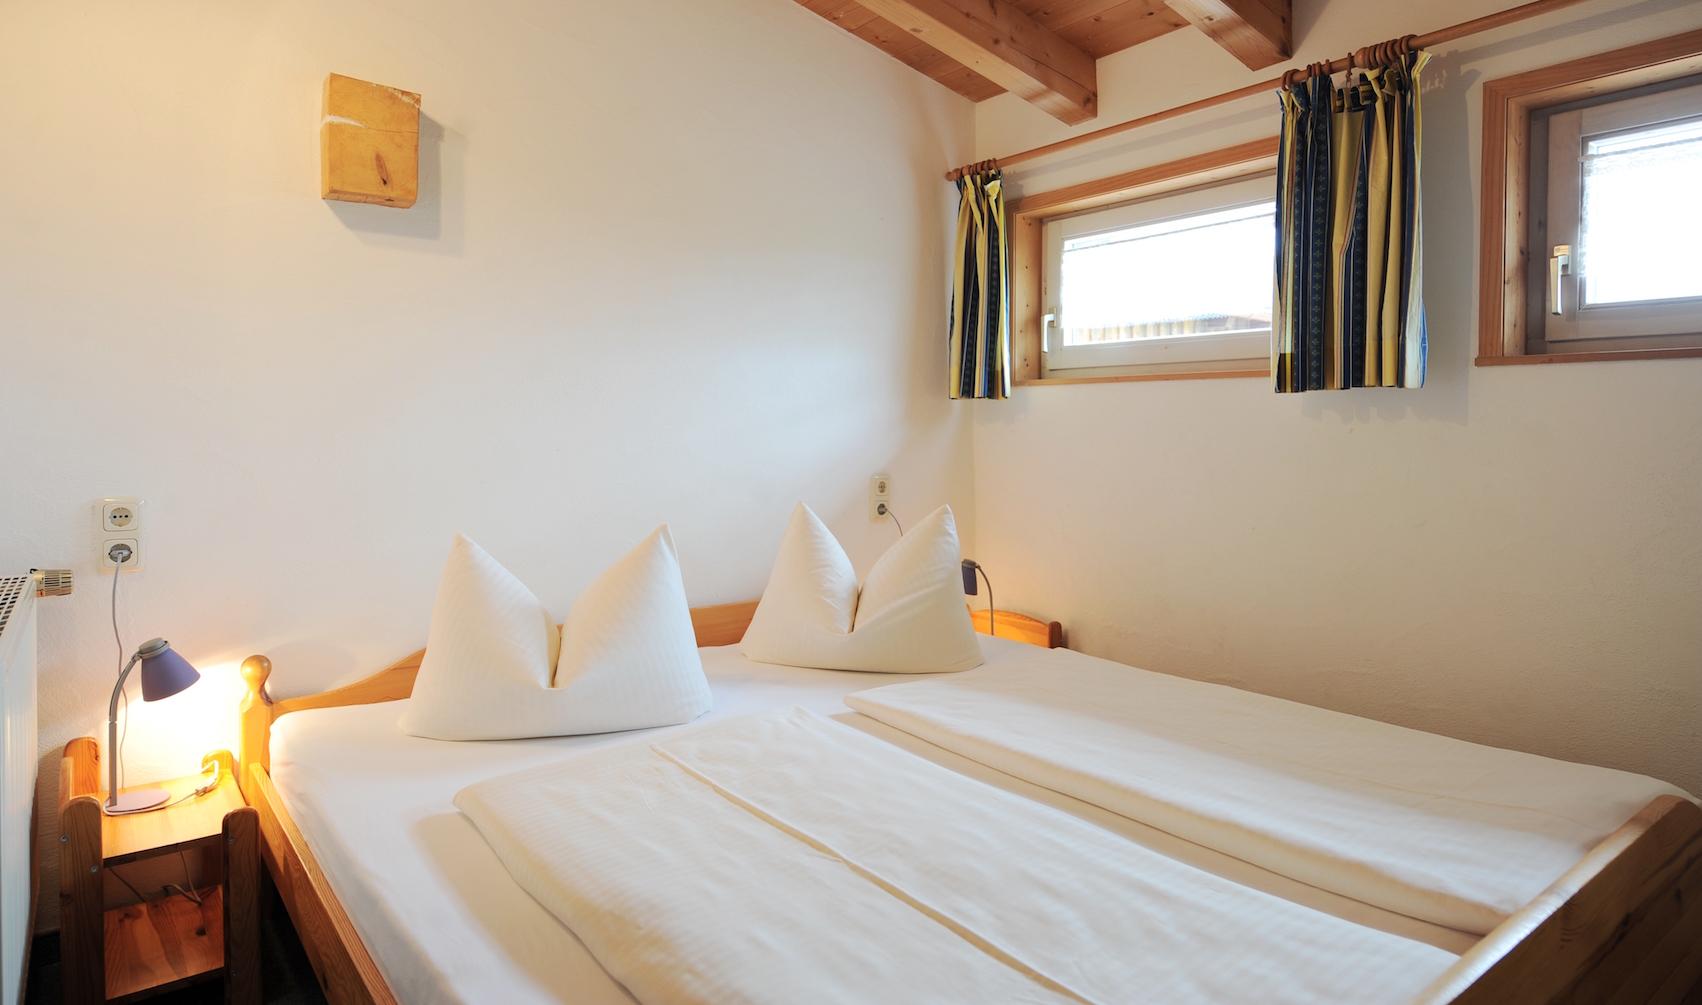 Wohnung lavendel ferienhof fehr - Lavendel im schlafzimmer ...